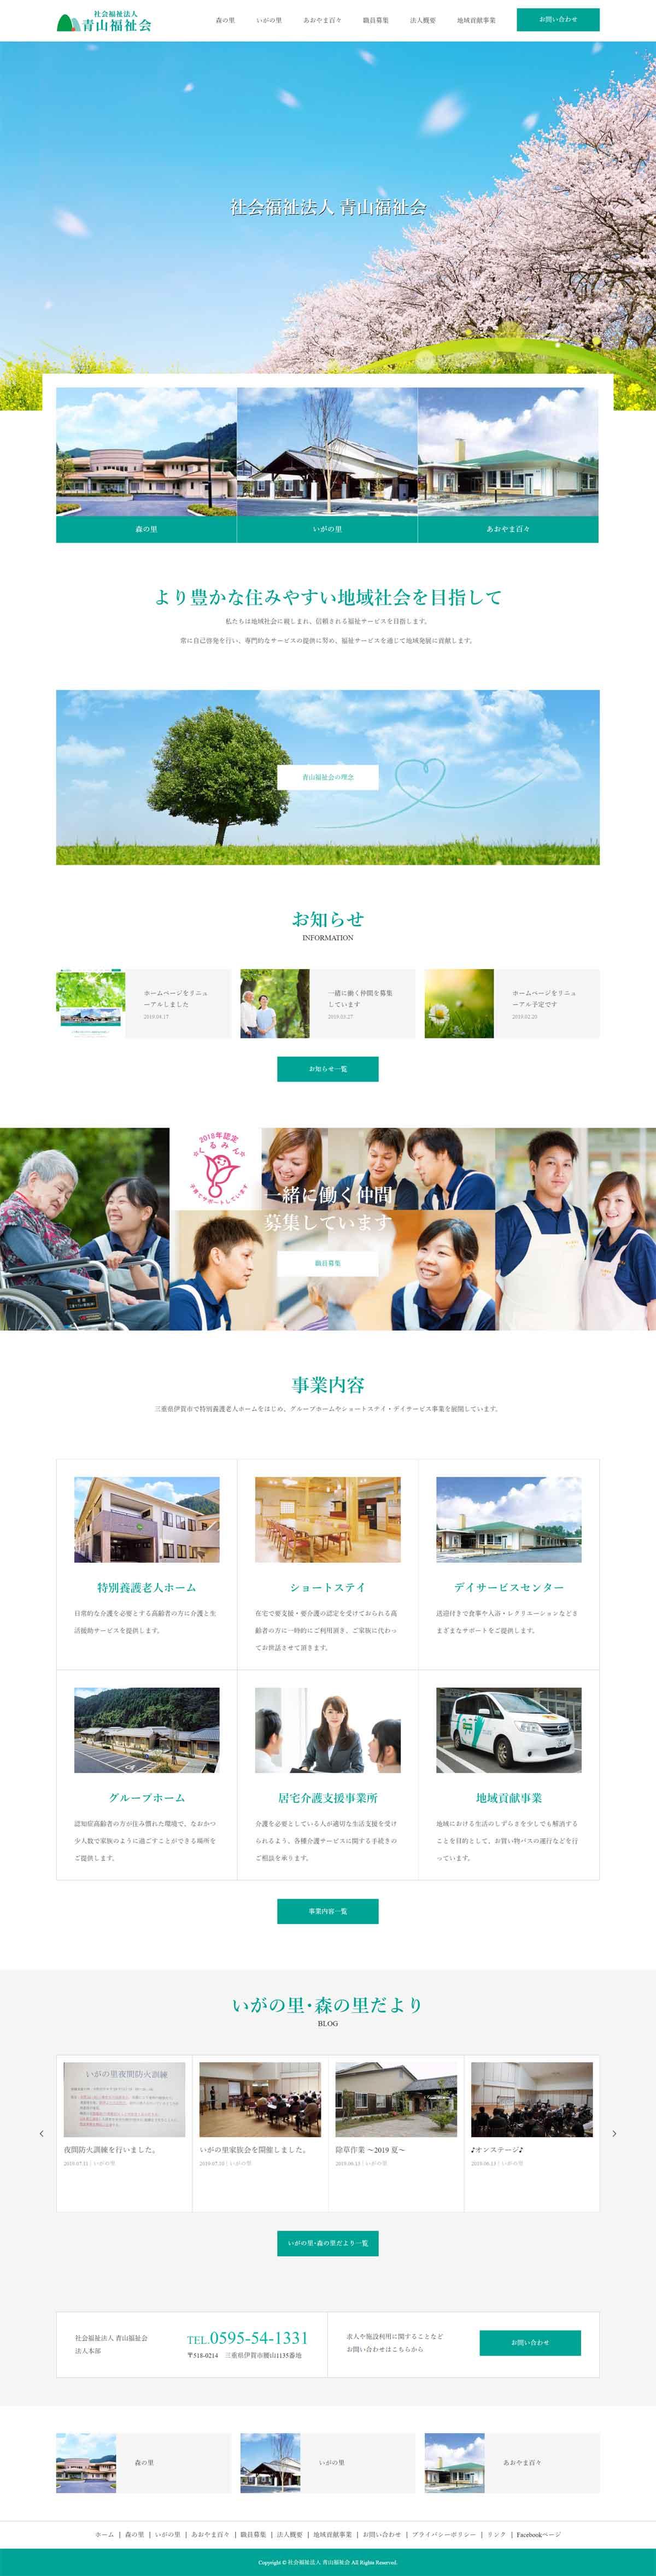 青山福祉会PCサイトデザイン